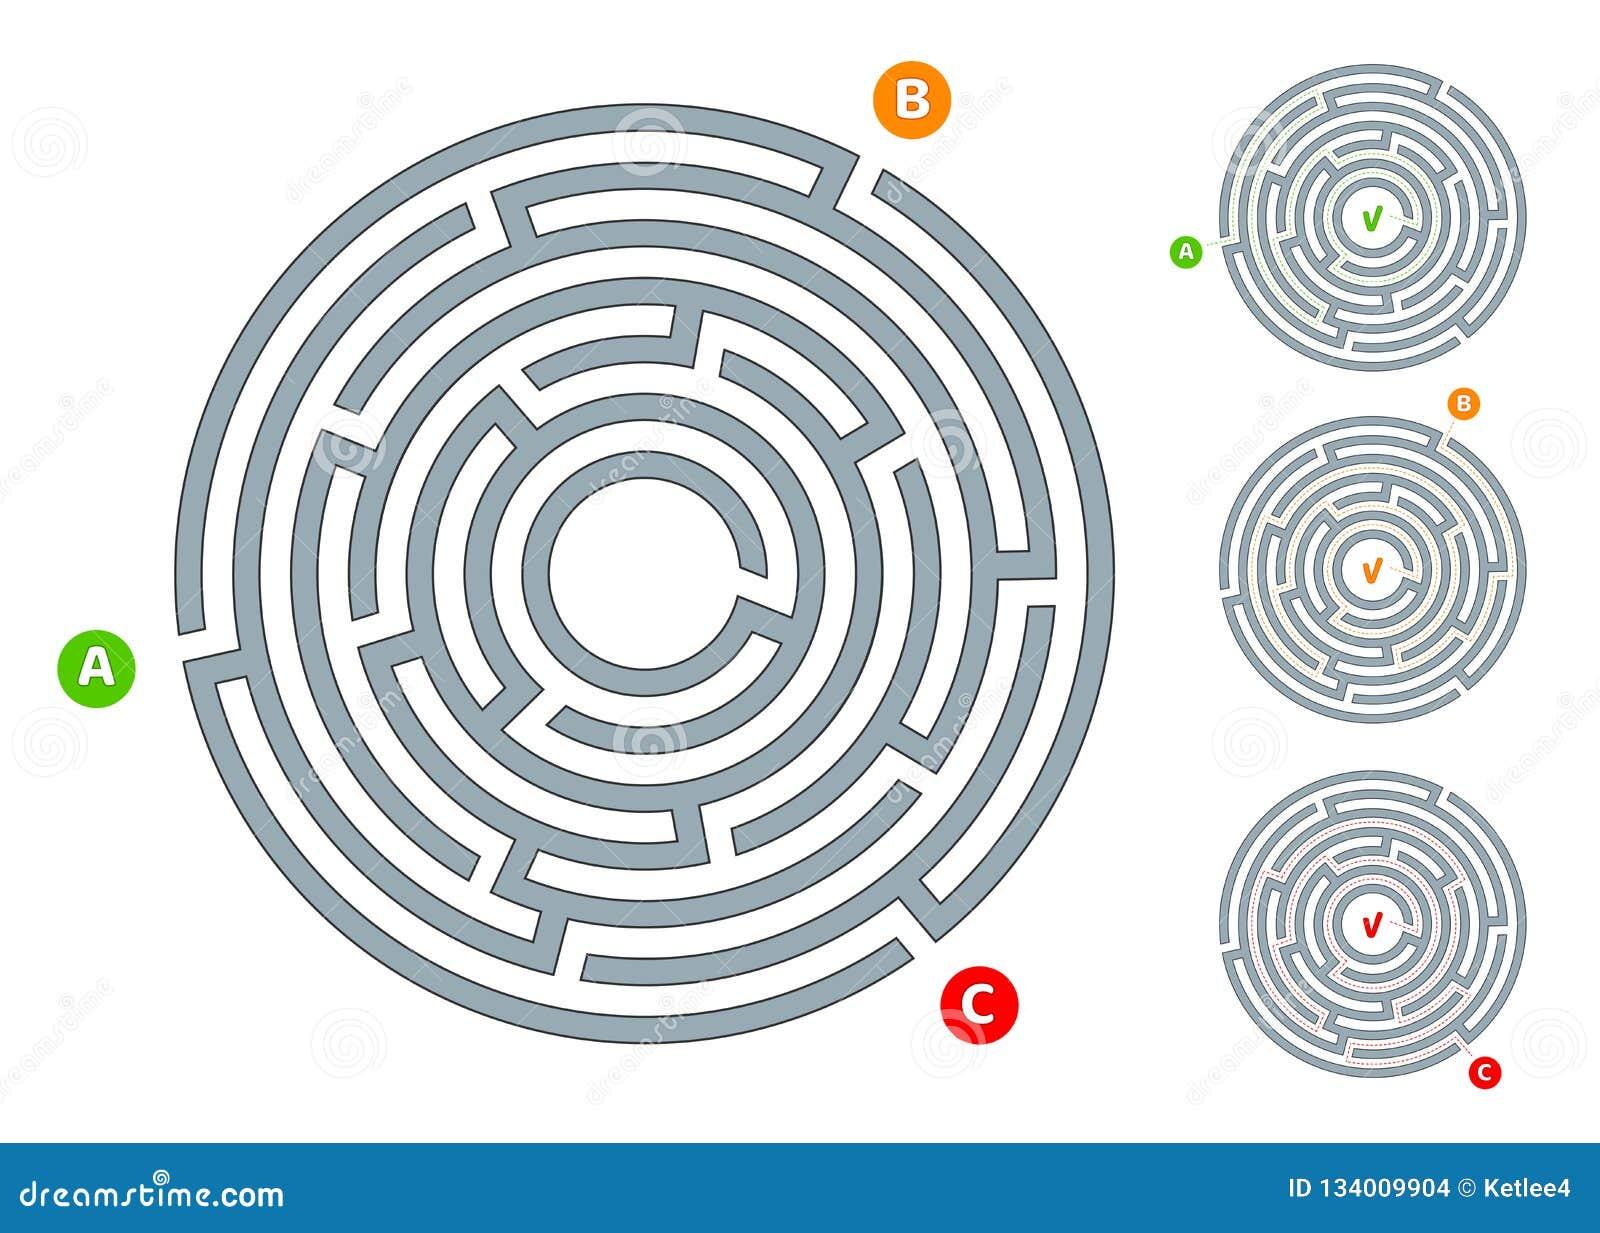 Labirinto circular abstrato do labirinto com uma entrada e uma ilustração lisa da saída A em um fundo branco um enigma para o pen